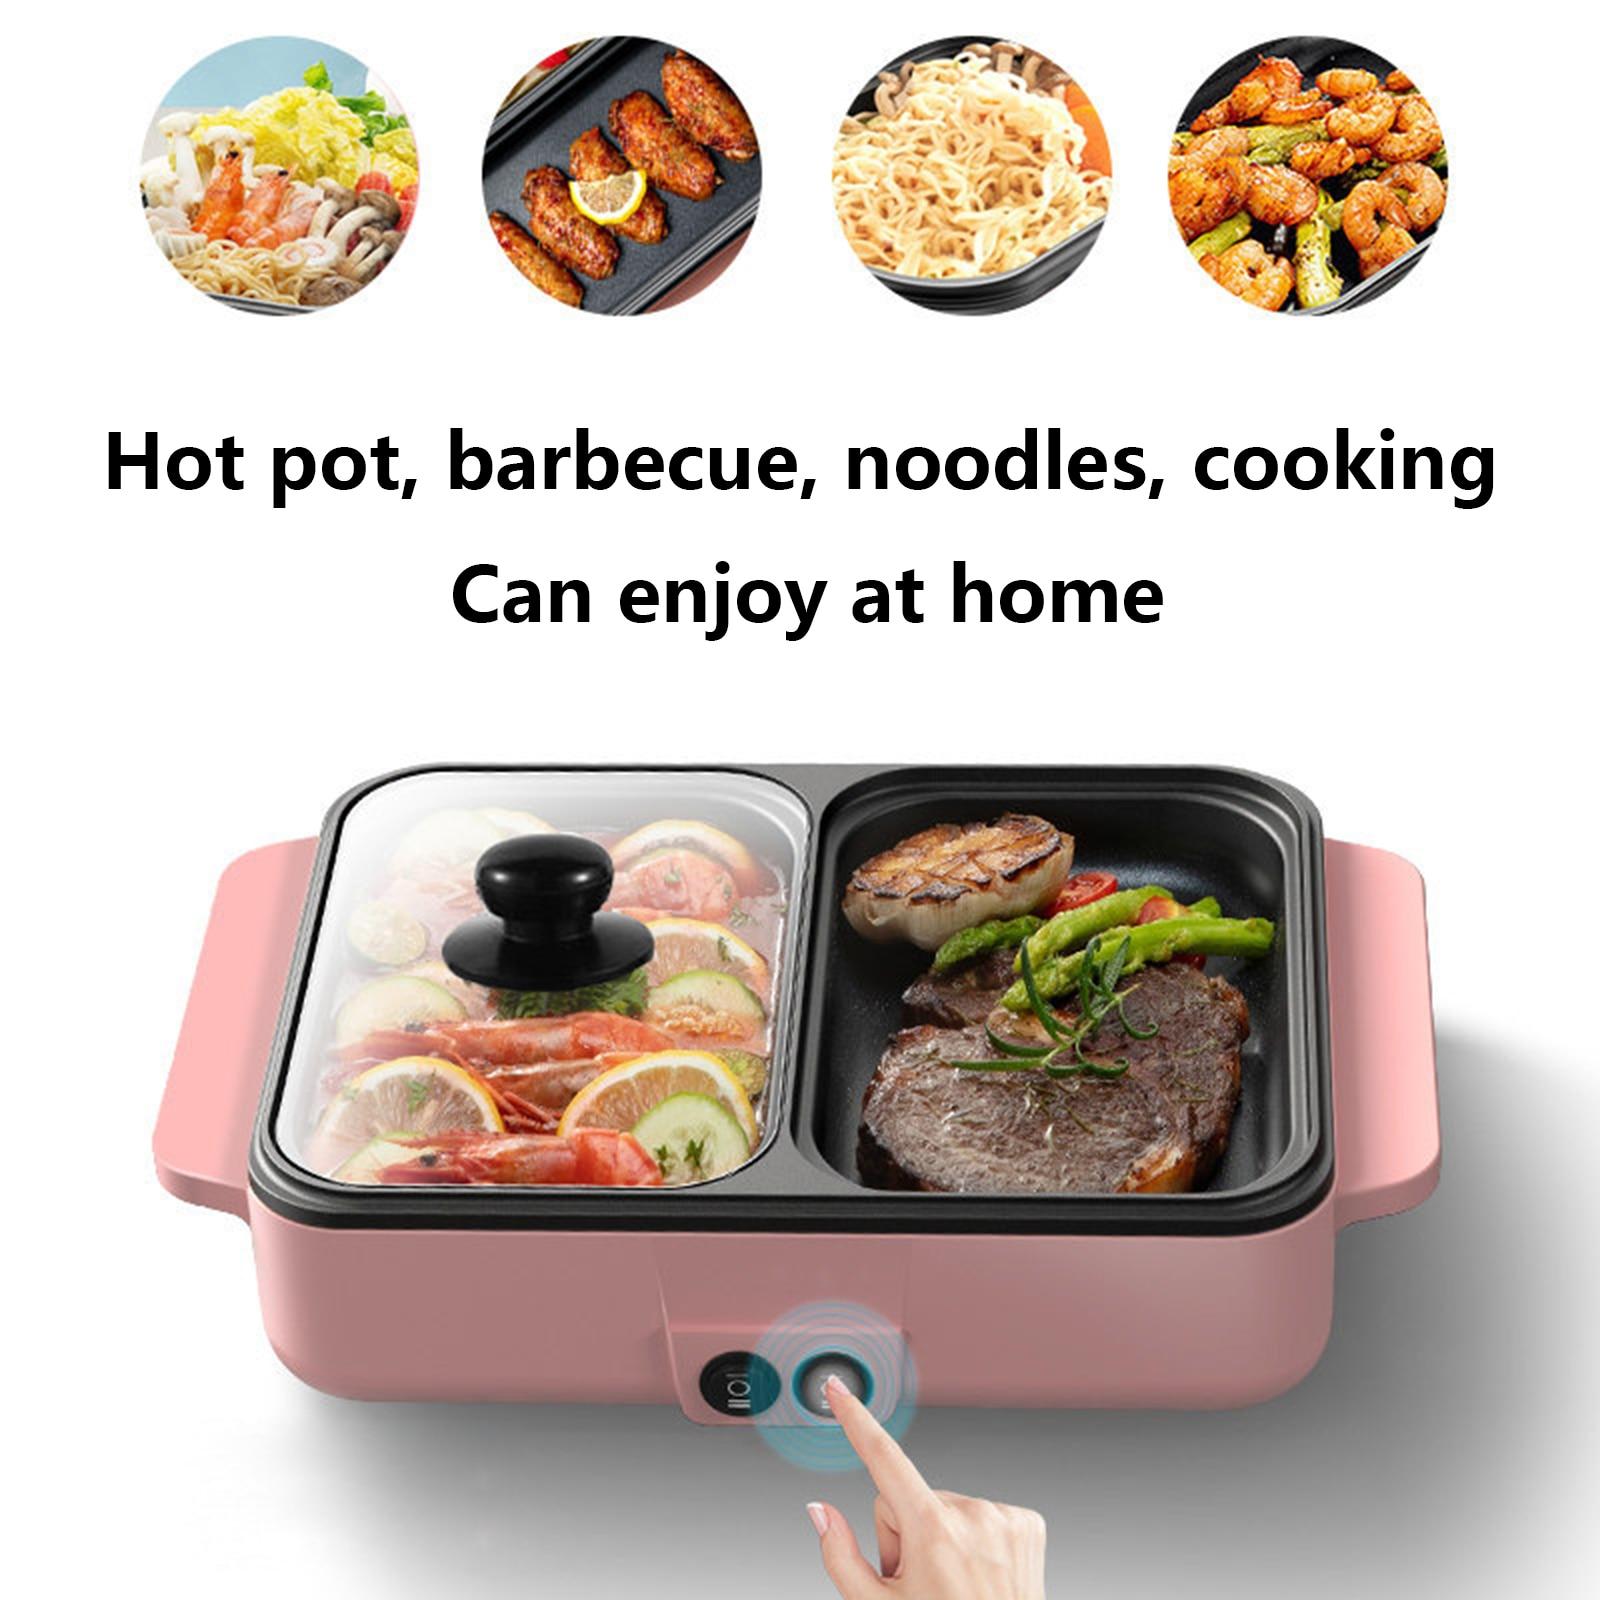 utilização casa máquina kebab bandeja de cozimento